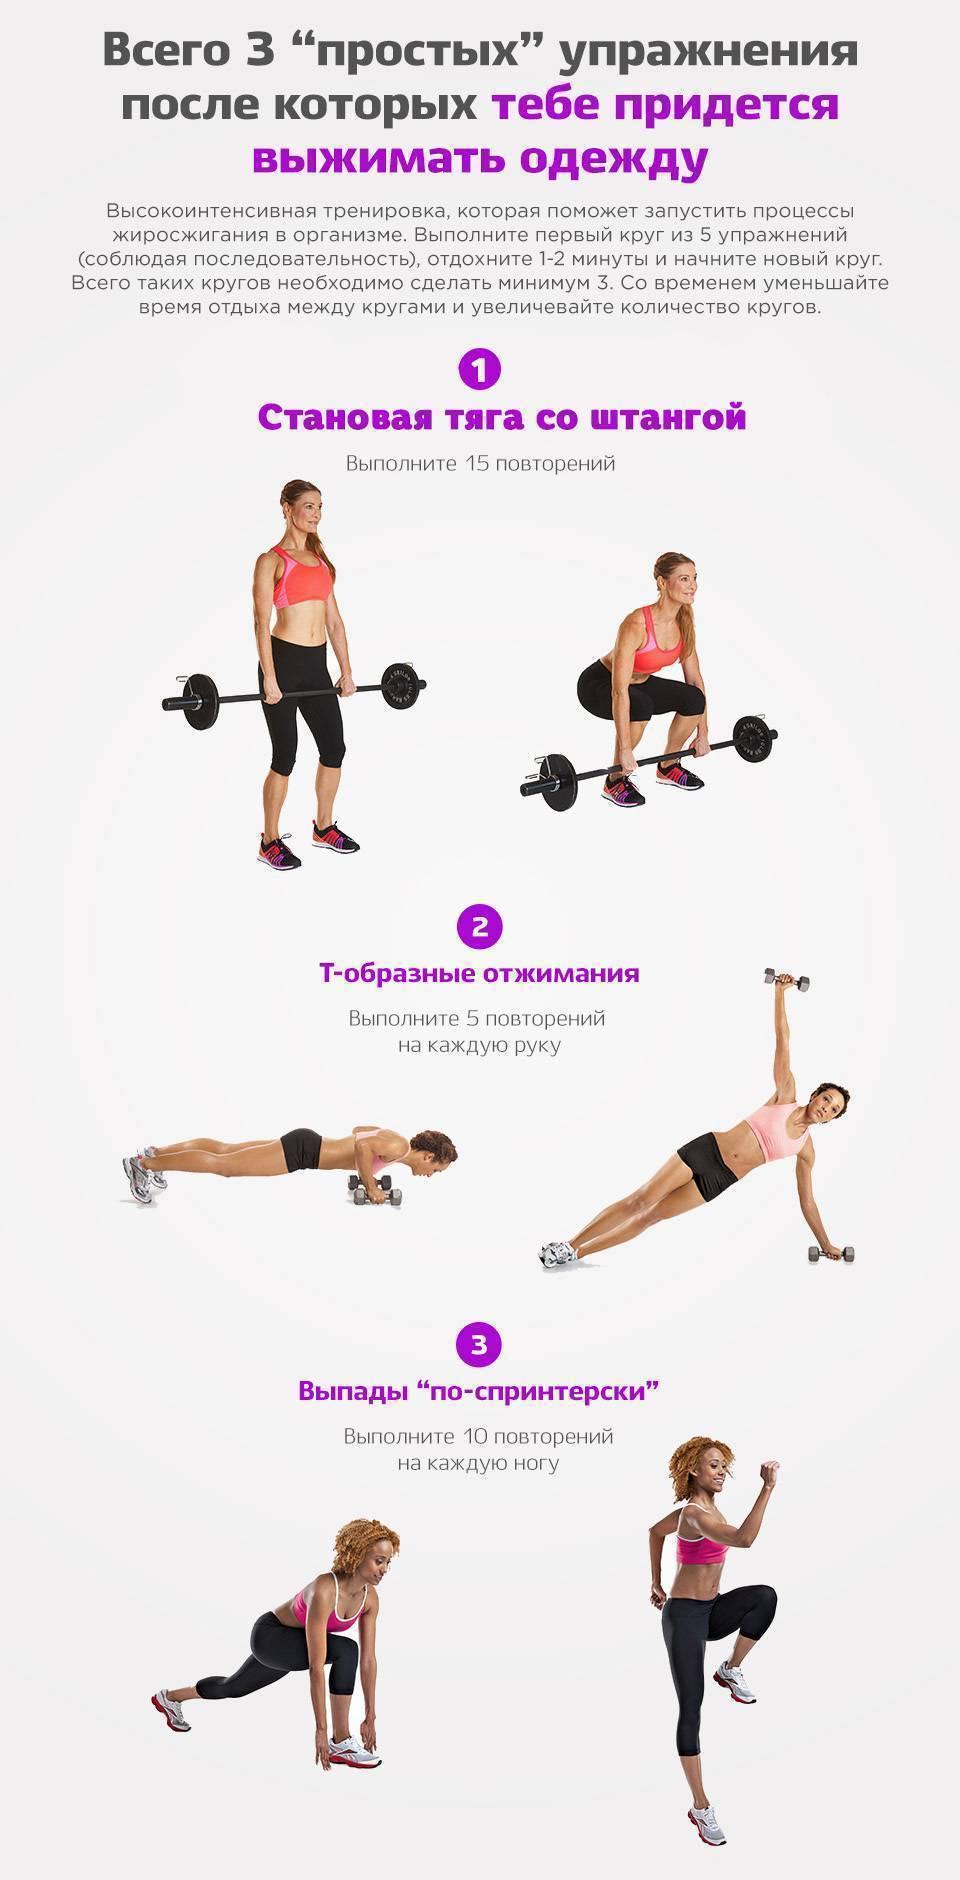 Программа для похудения в тренажерном зале для девушек - план тренировок и упражнений